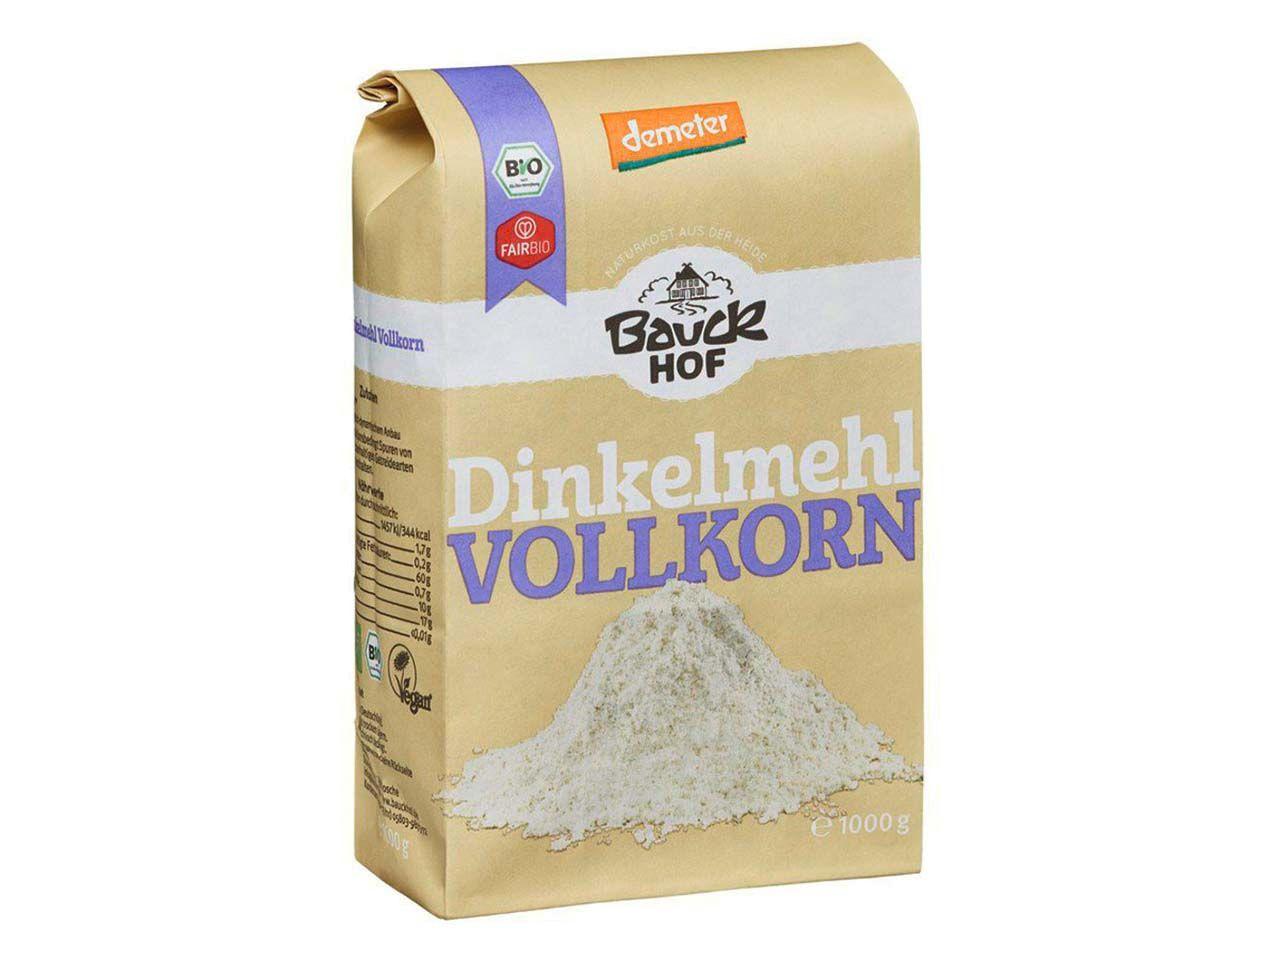 Bauckhof Bio-Vollkorn-Dinkelmehl 1 kg 118250441